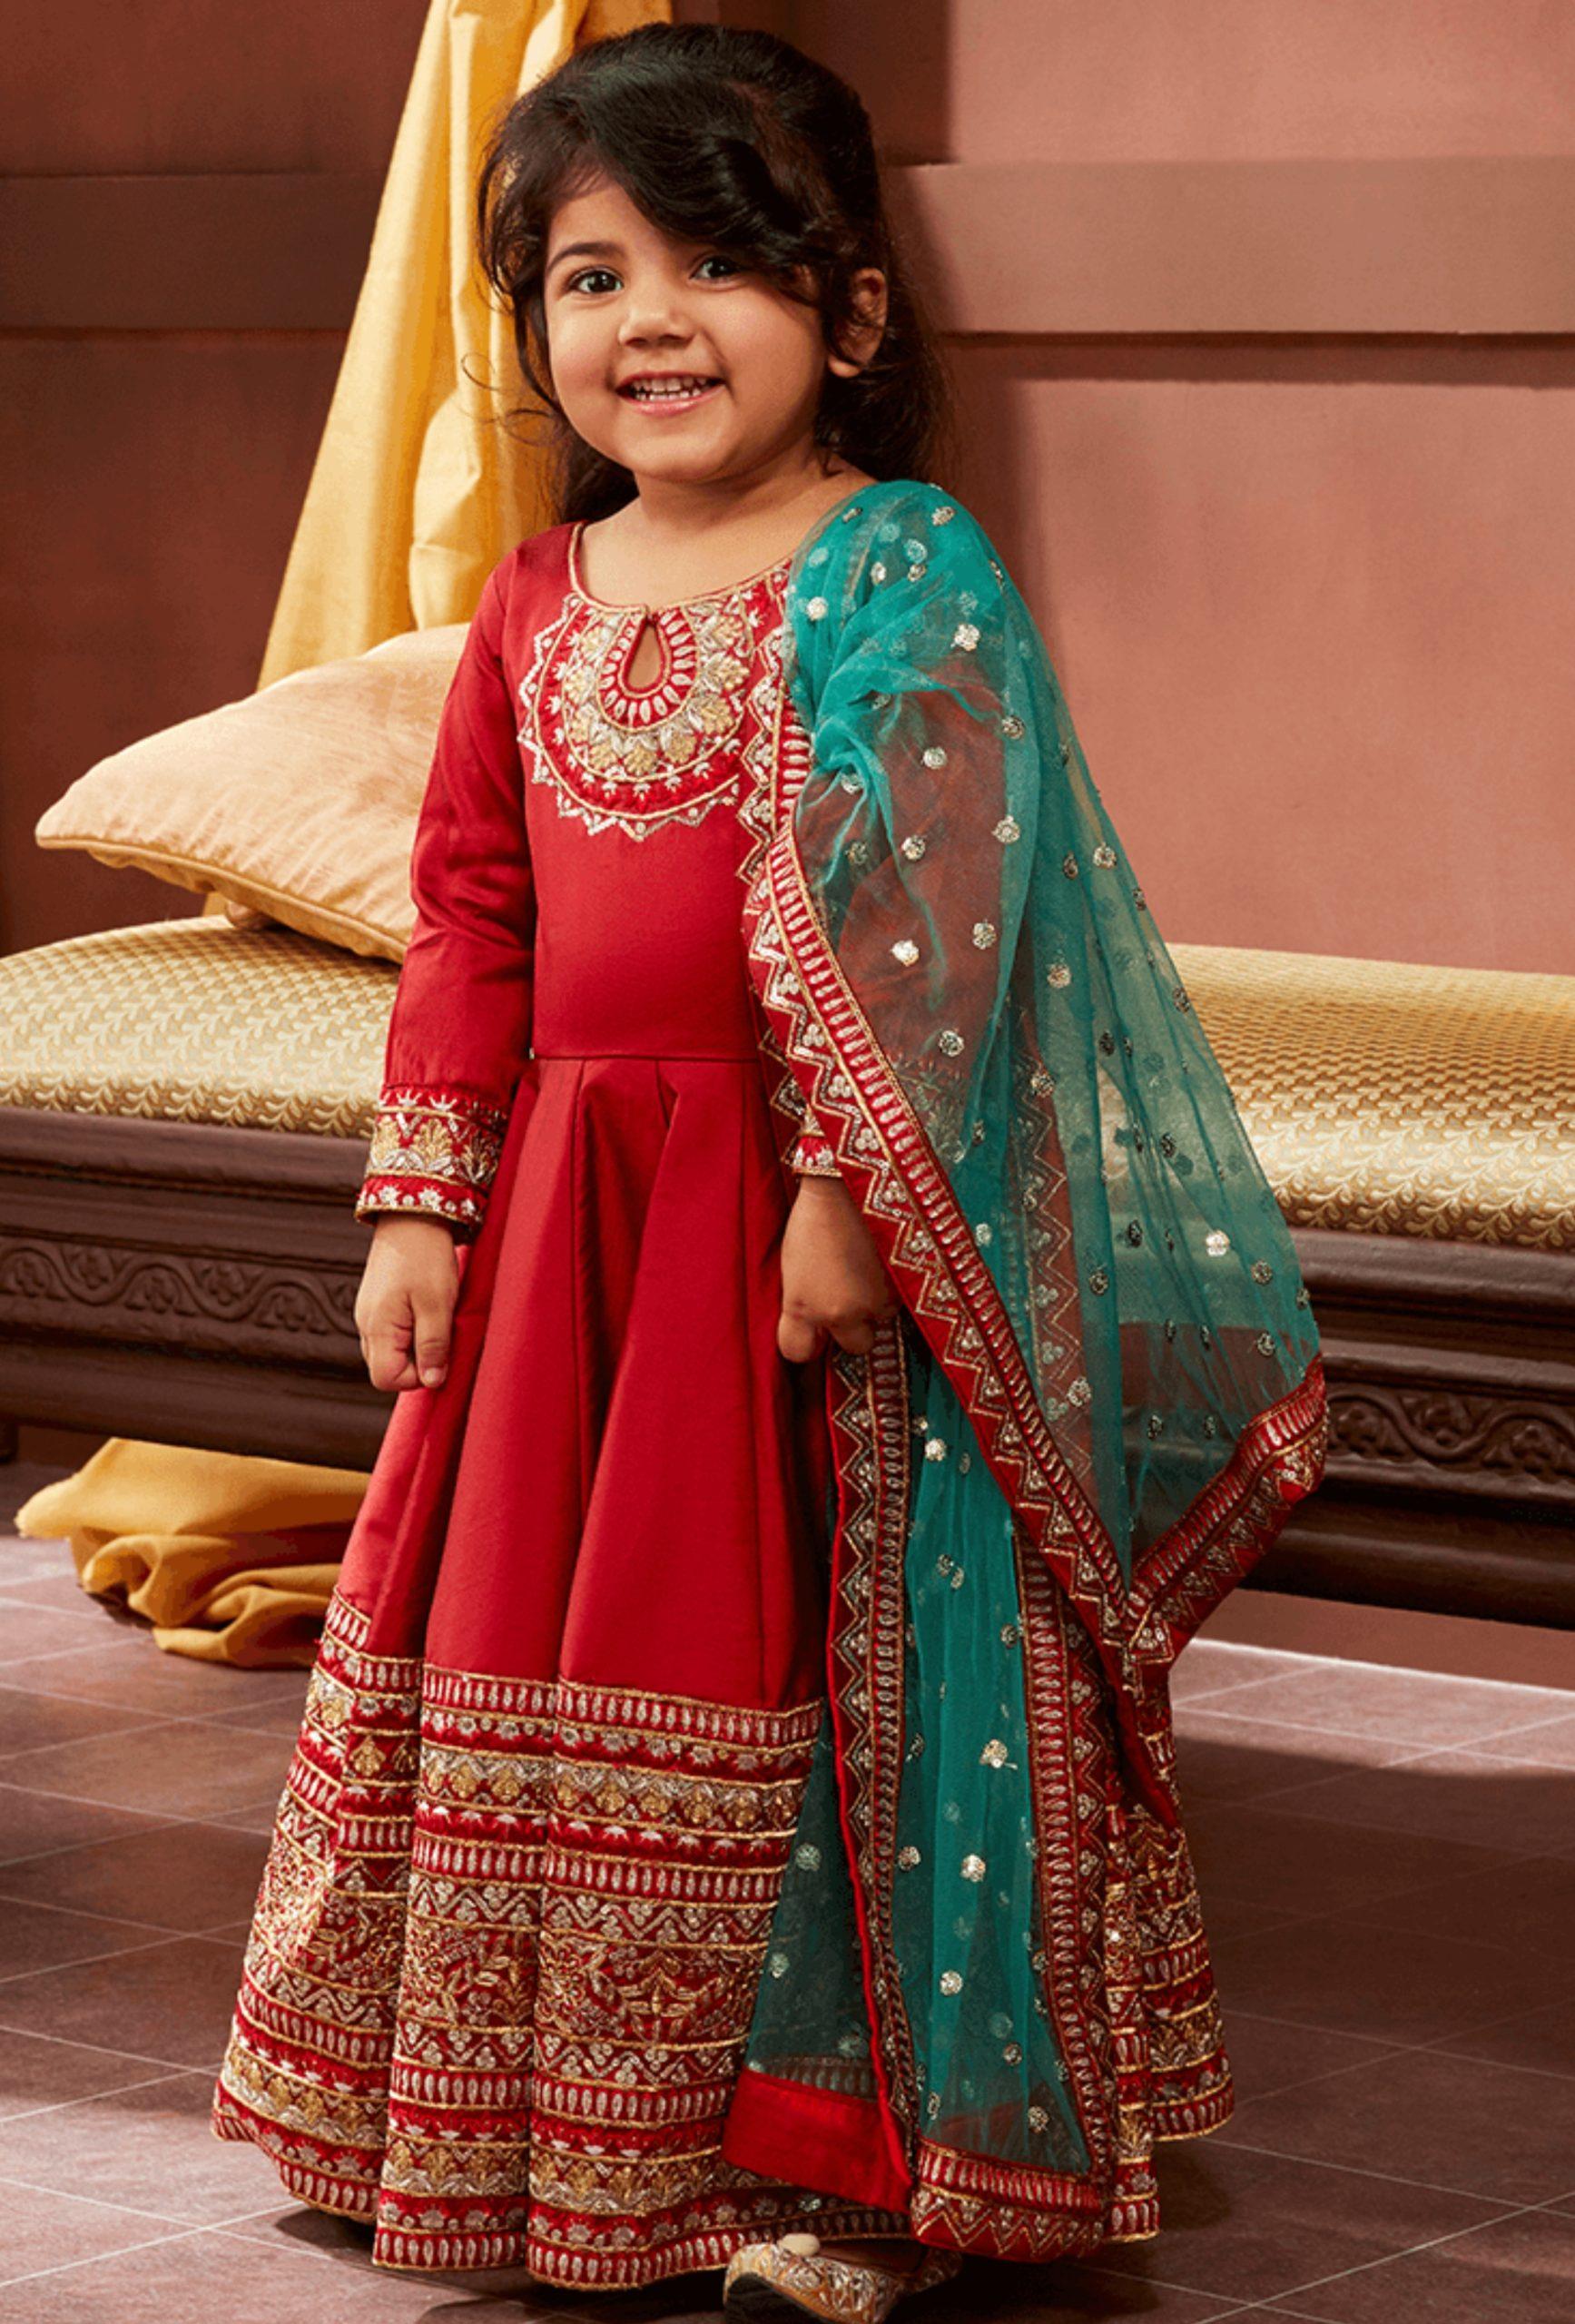 Latest Eid Clothing Ideas For Girls 2021 G3 Fashion